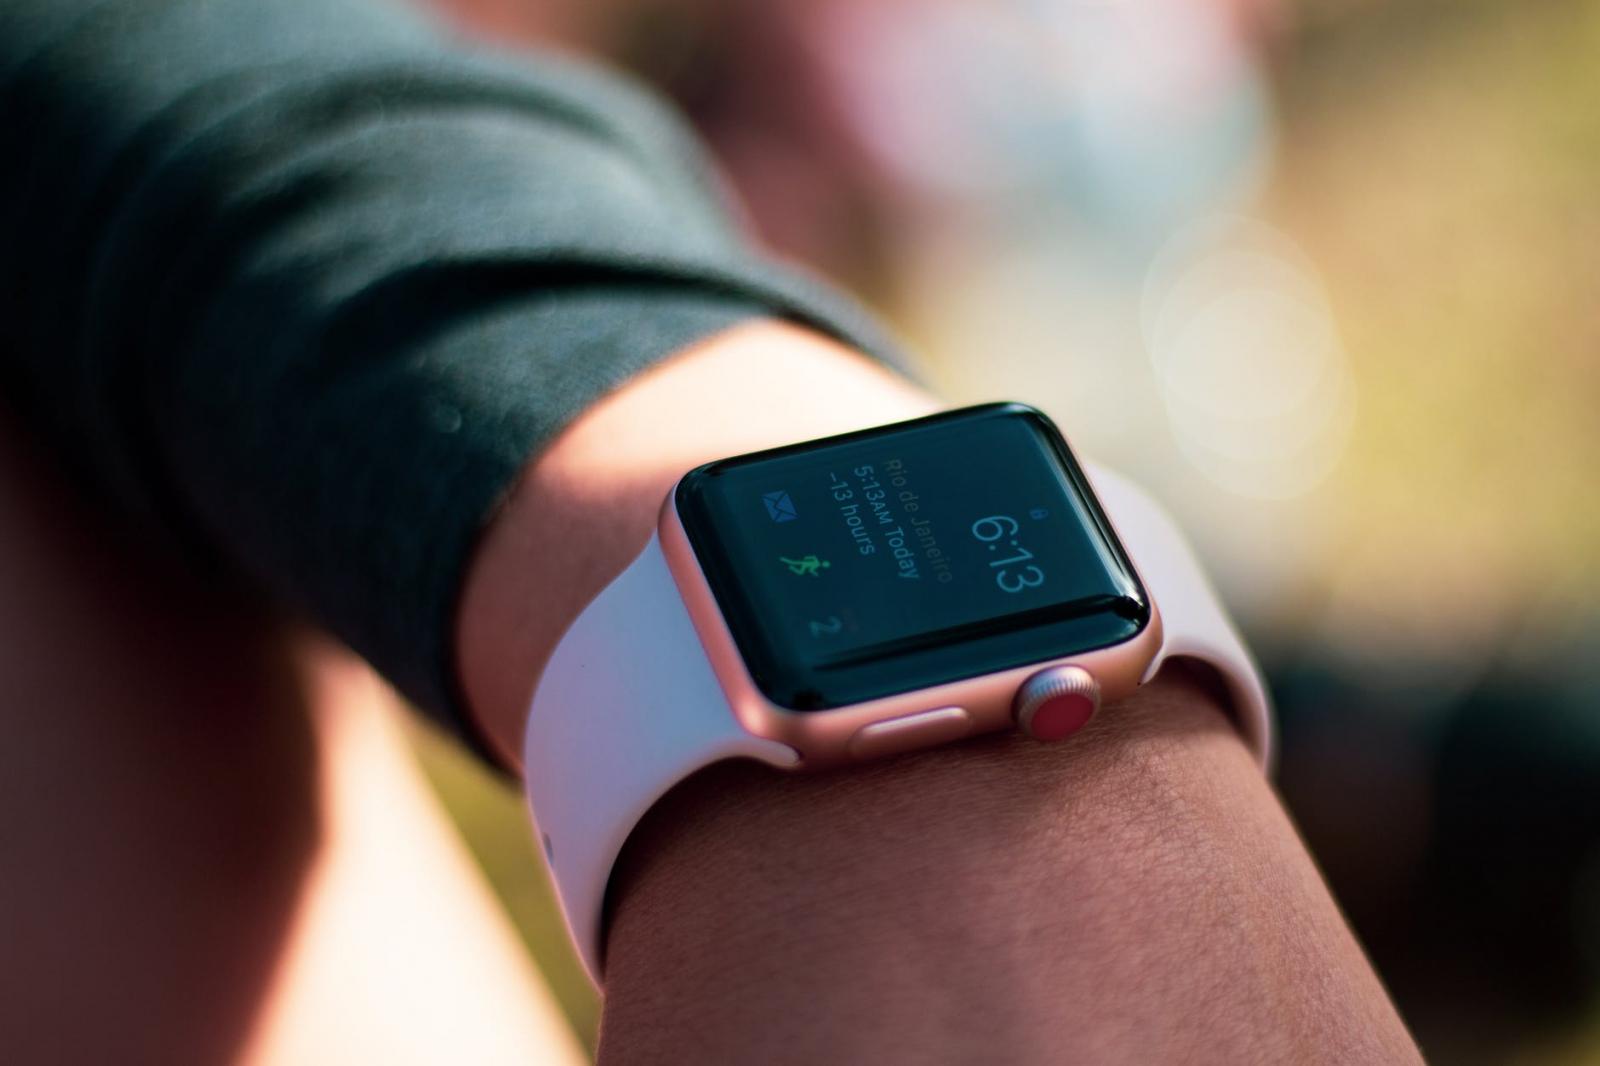 【快訊】新一代 Apple Watch 有6款式? 蘋果最新註冊文件曝光